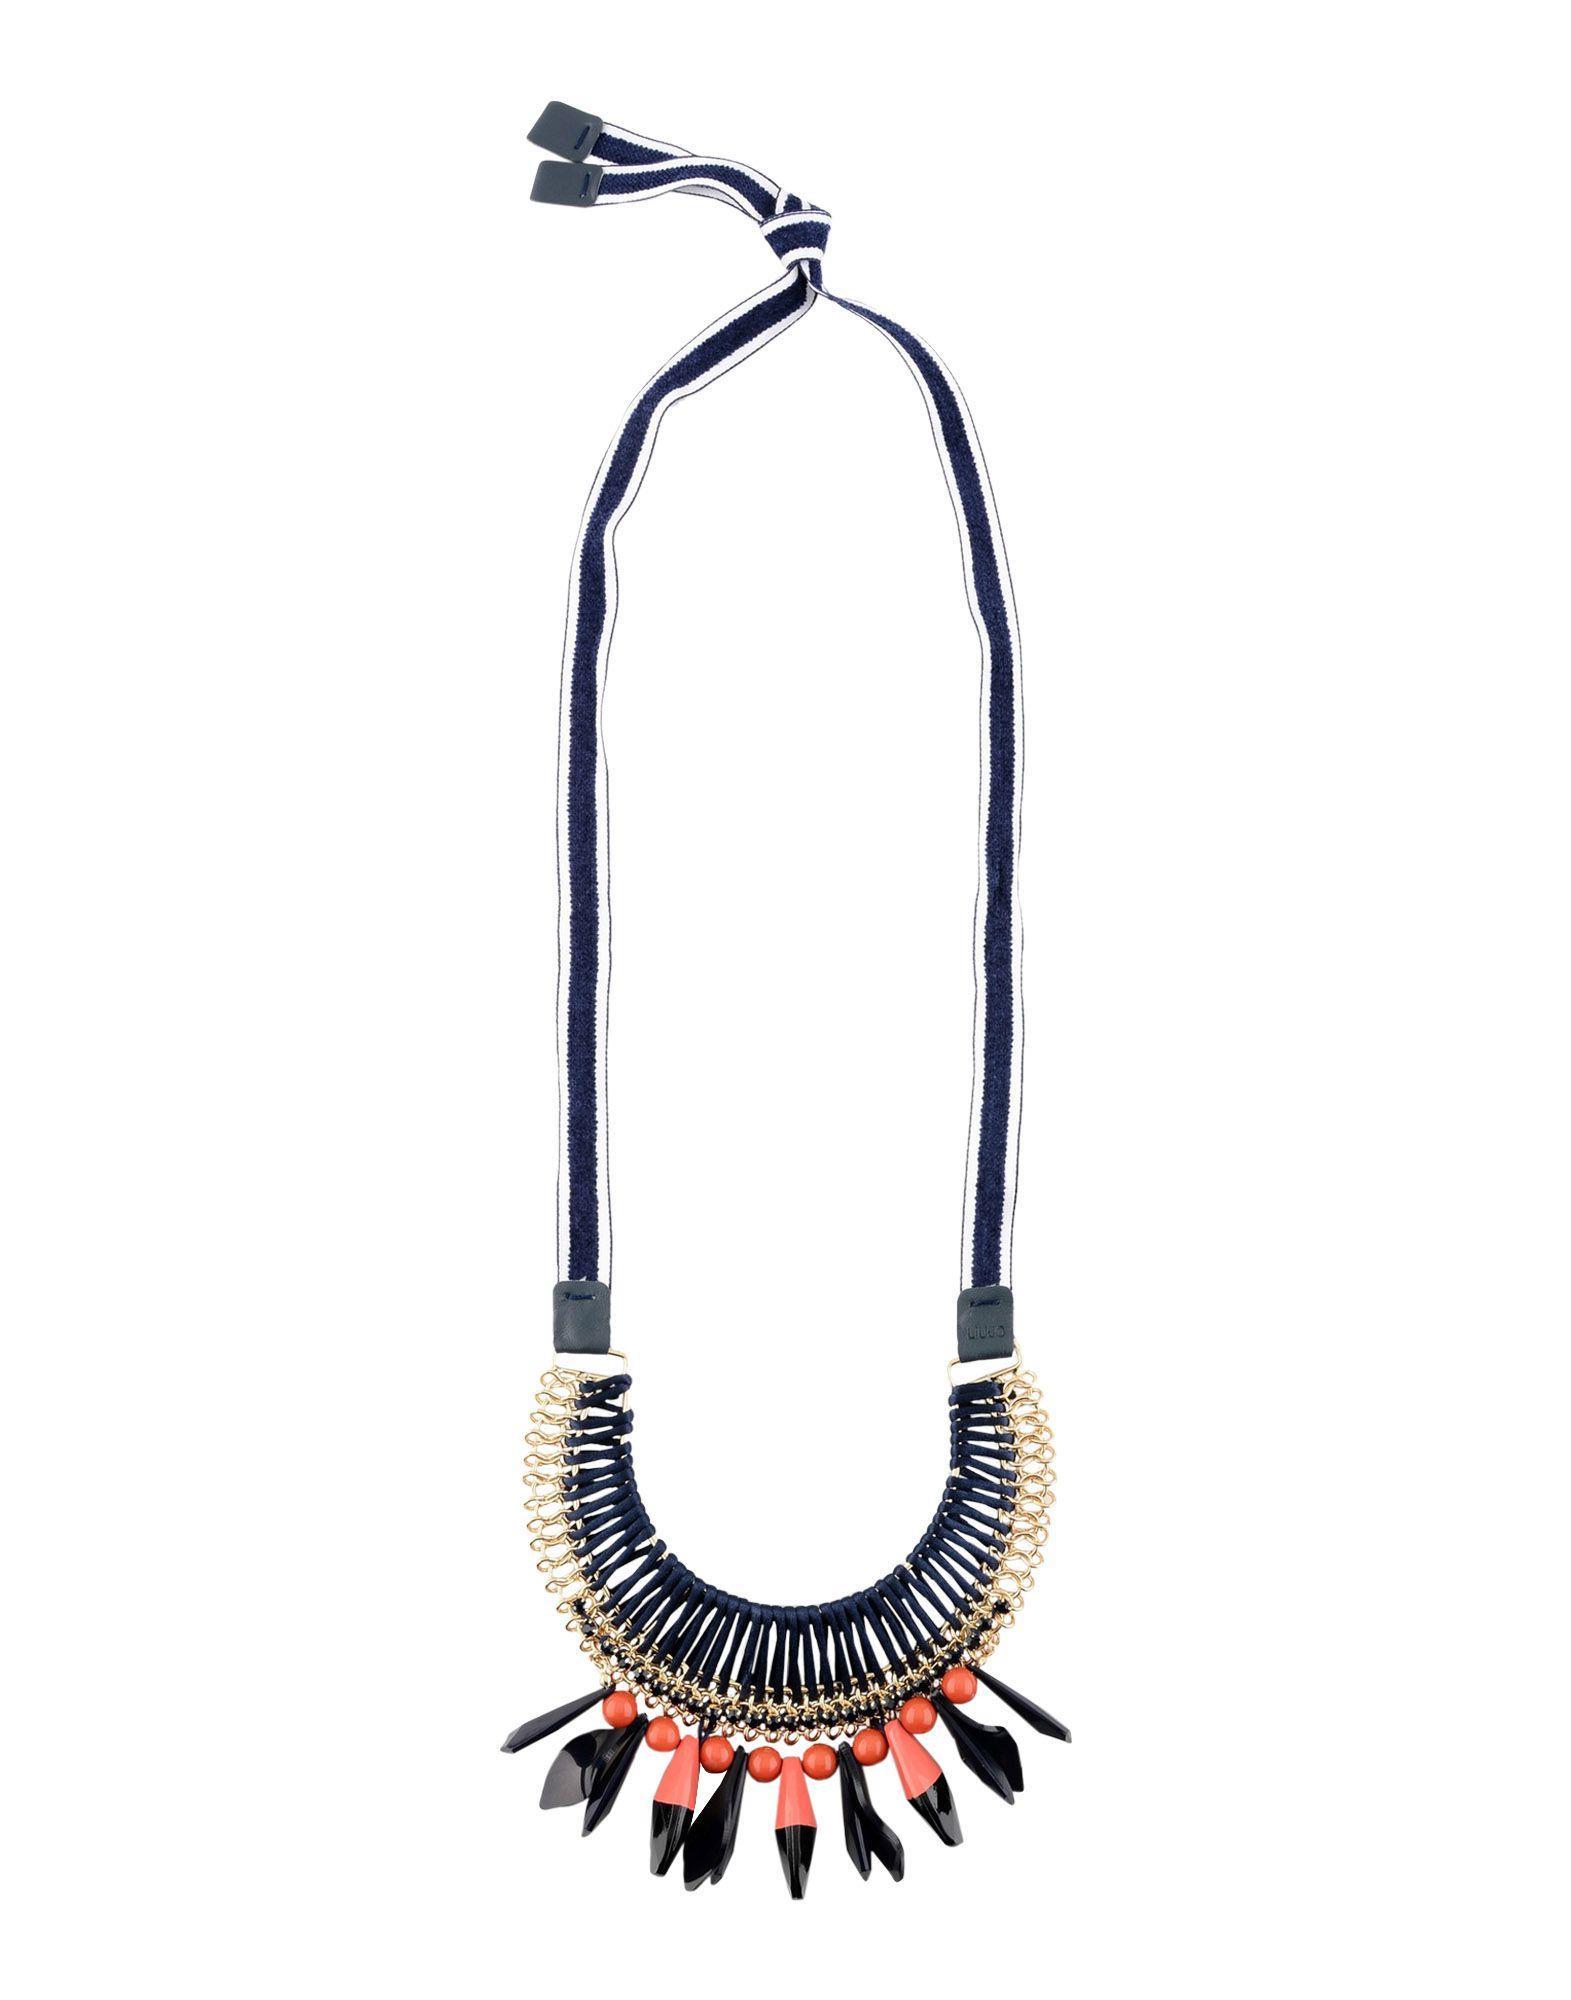 Liu •jo Necklaces In Dark Blue